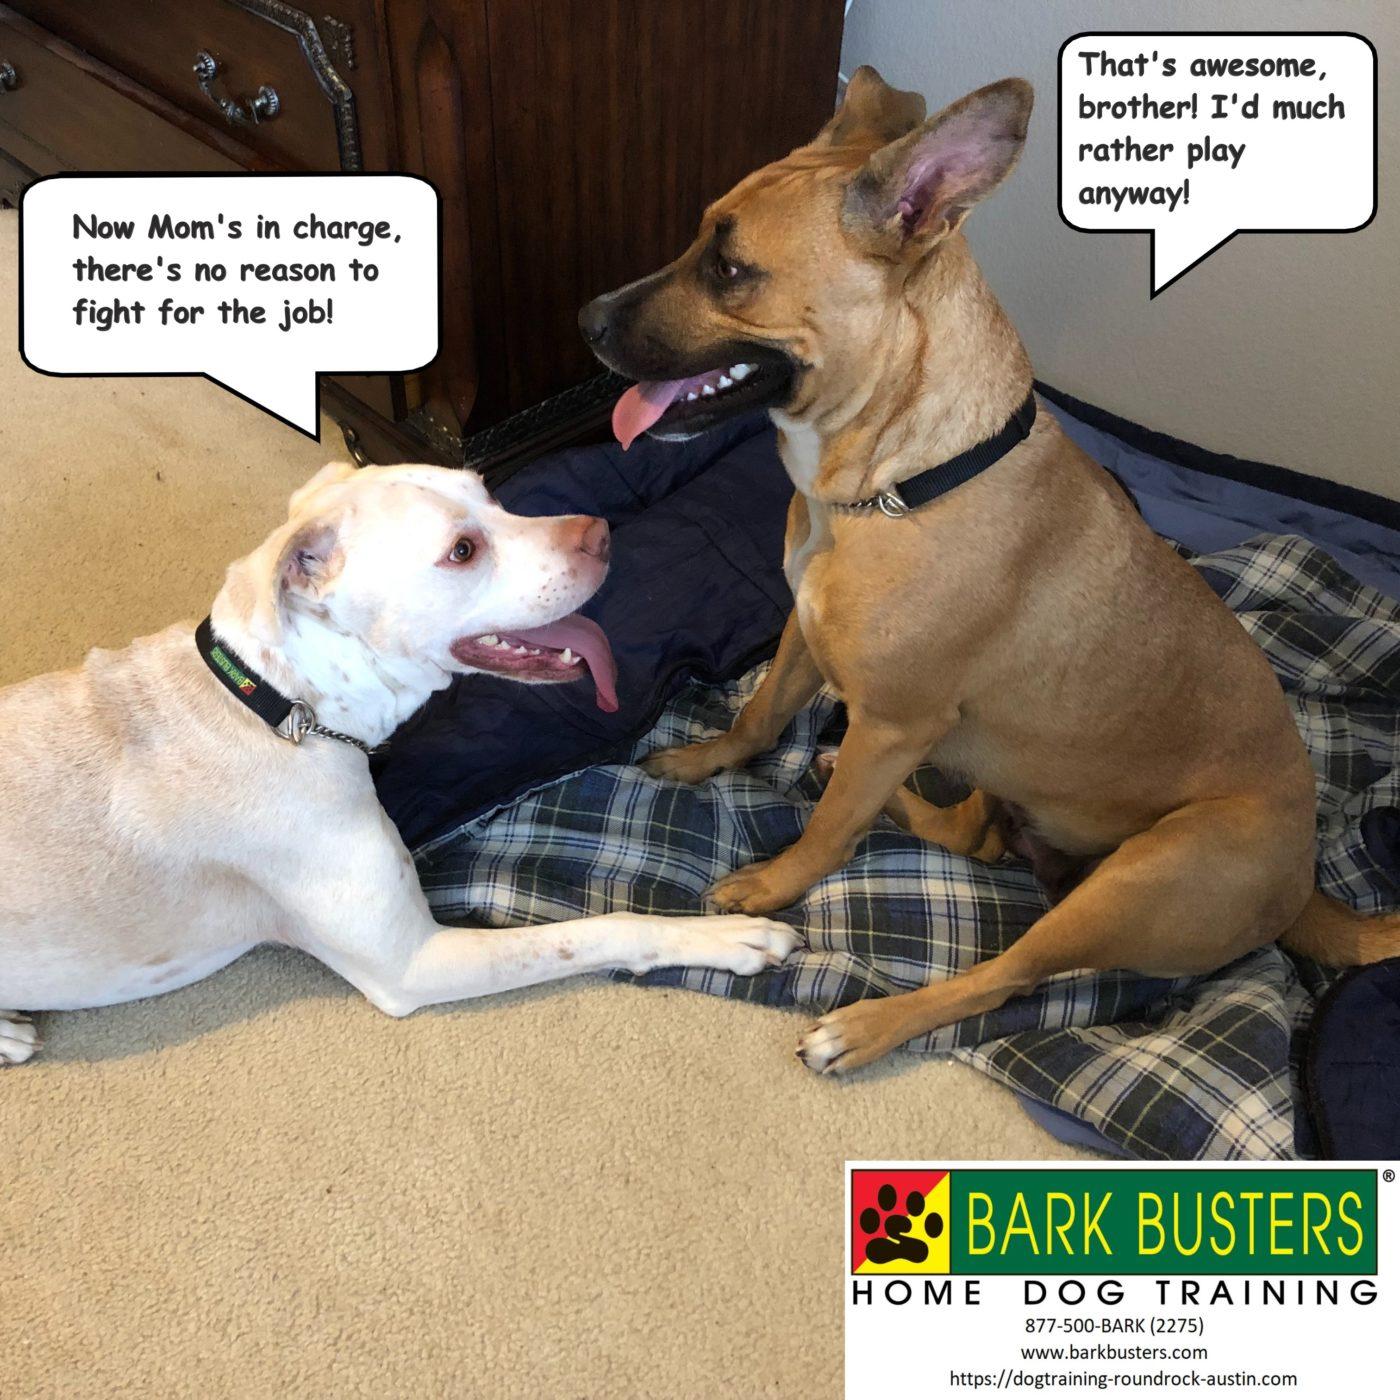 #siblingrivalry #dogsofbarkbusters #dogtrainingroundrock #speakingdog